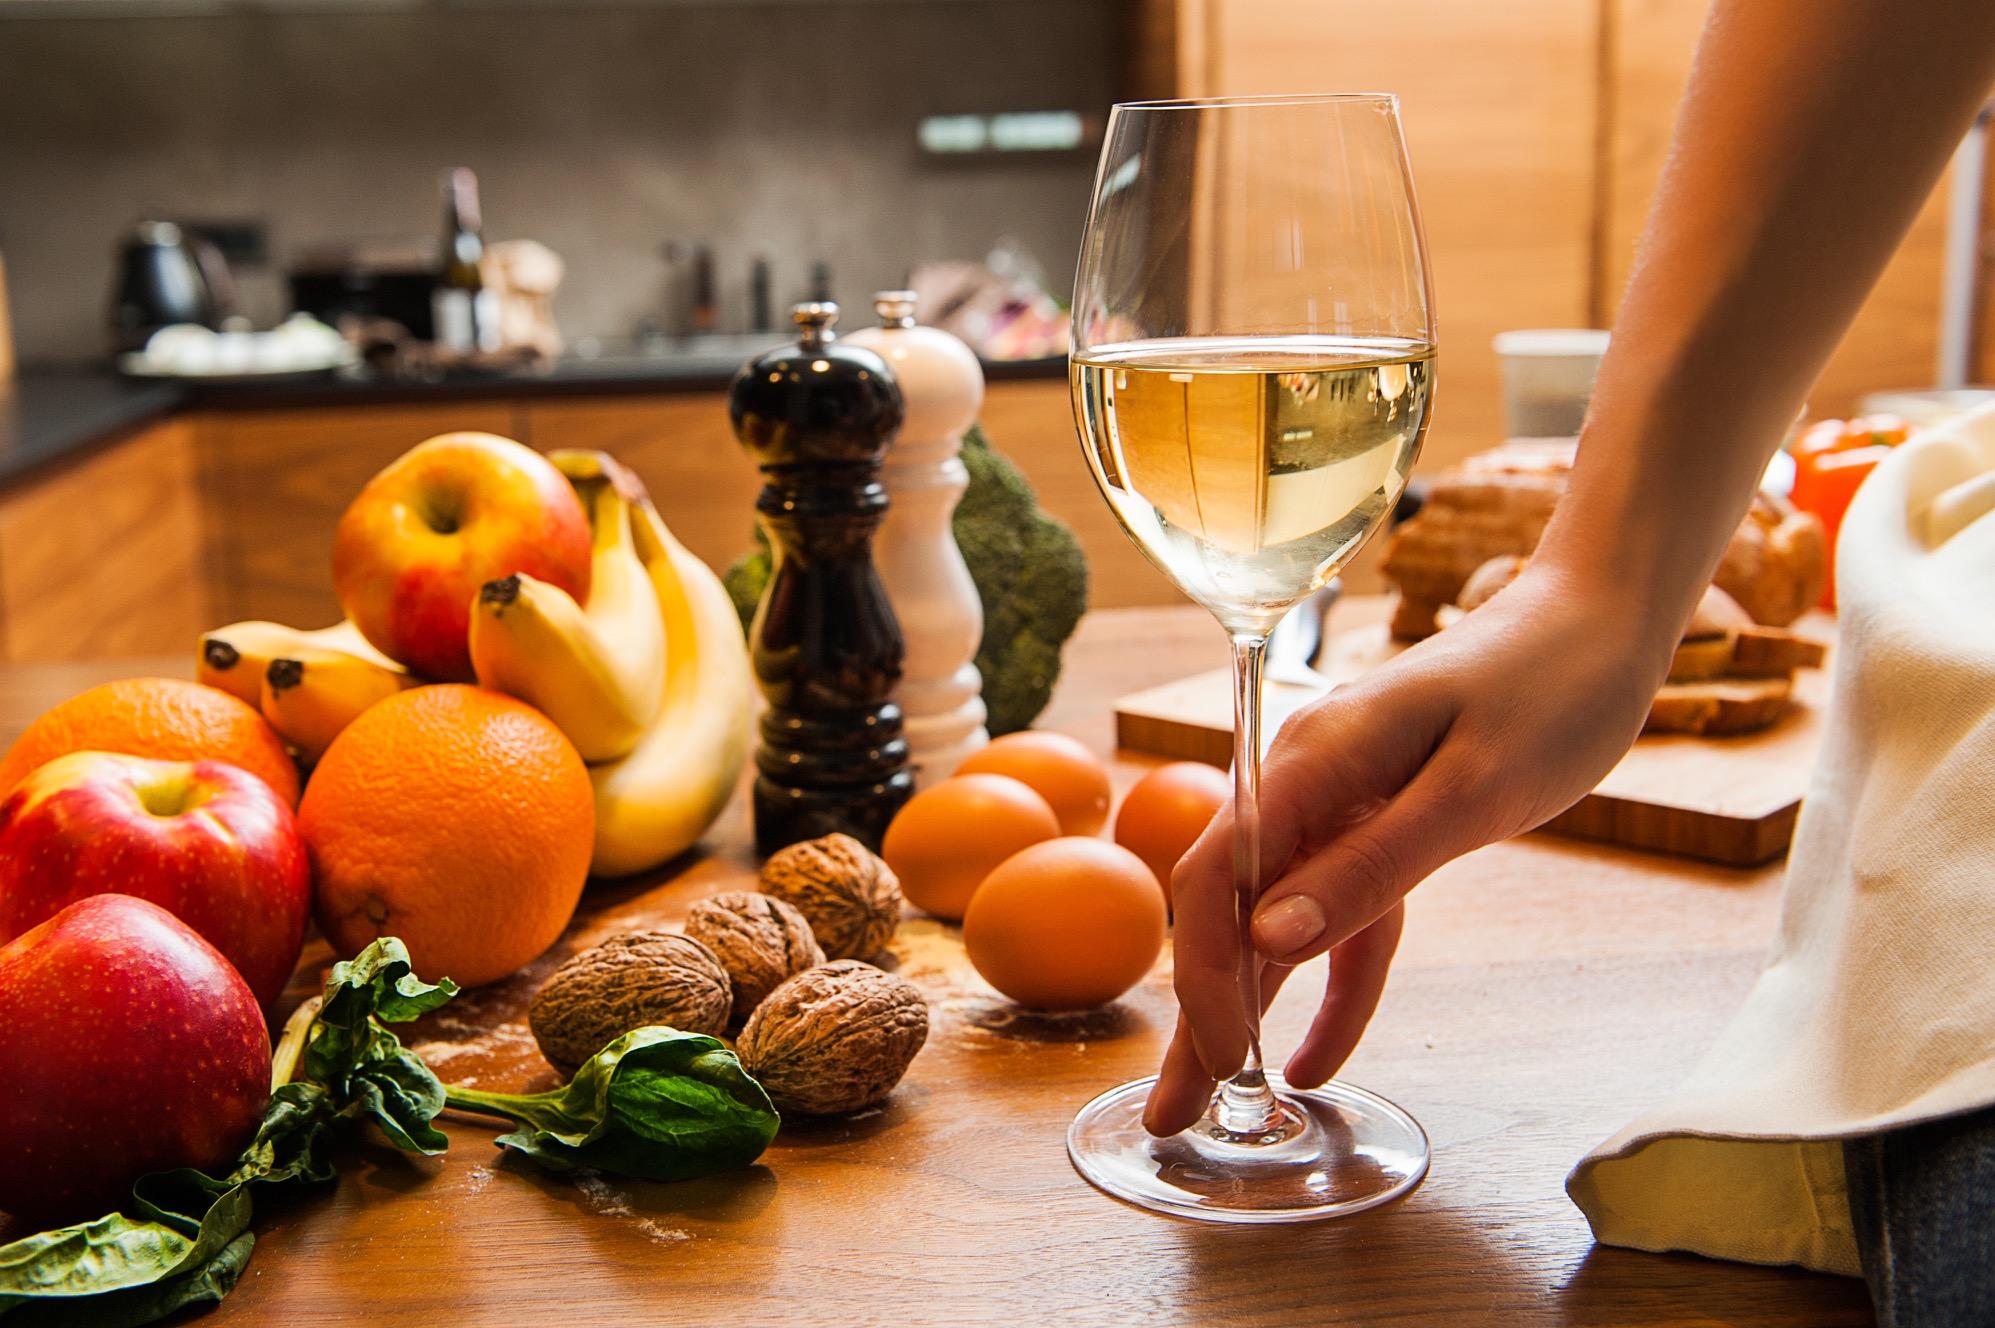 ワインのペアリングを覚えると、ワインと料理がさらにおいしくなる!